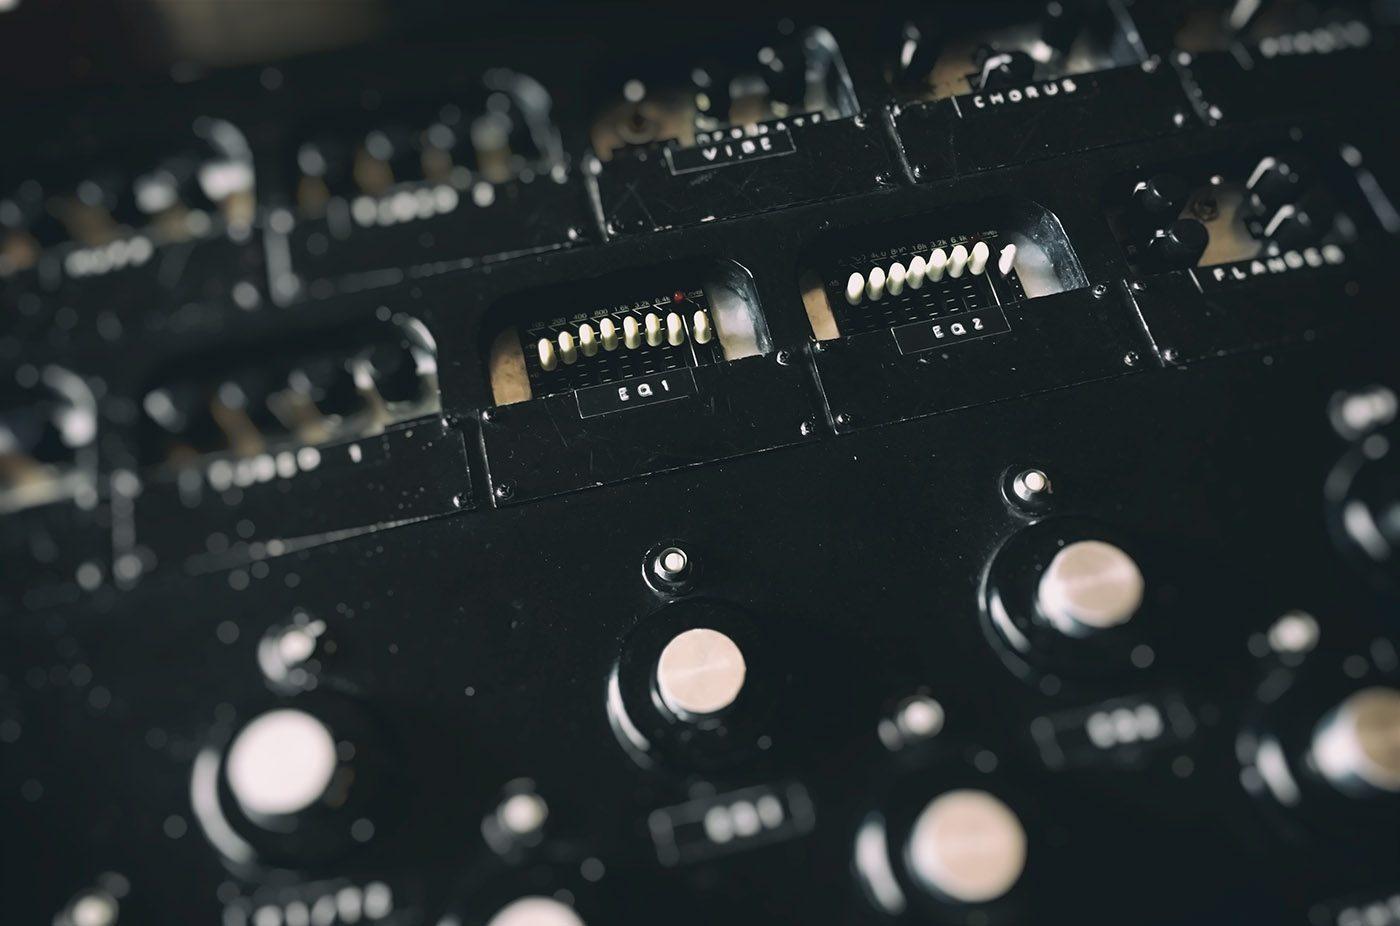 Schema Collegamento Equalizzatore Amplificatore : L equalizzatore nella catena effetti giampaolo noto